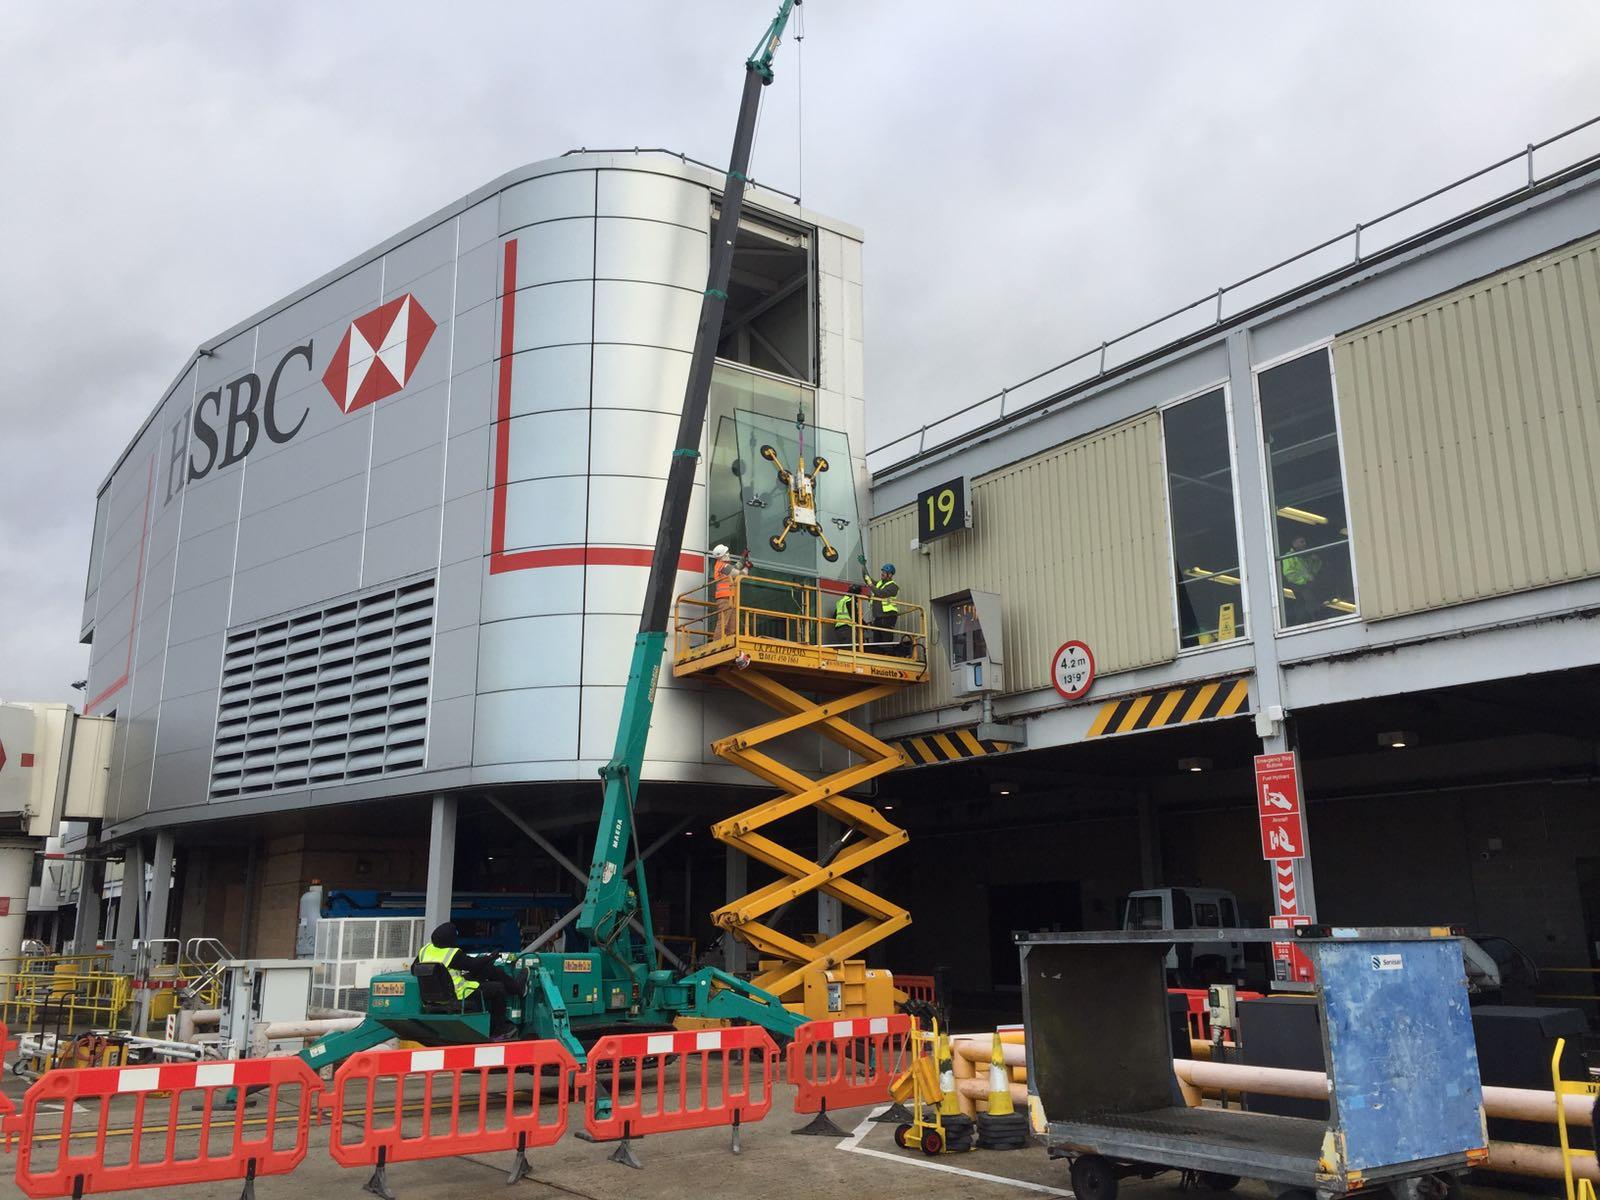 Gatwick HSBC Glass Replacement